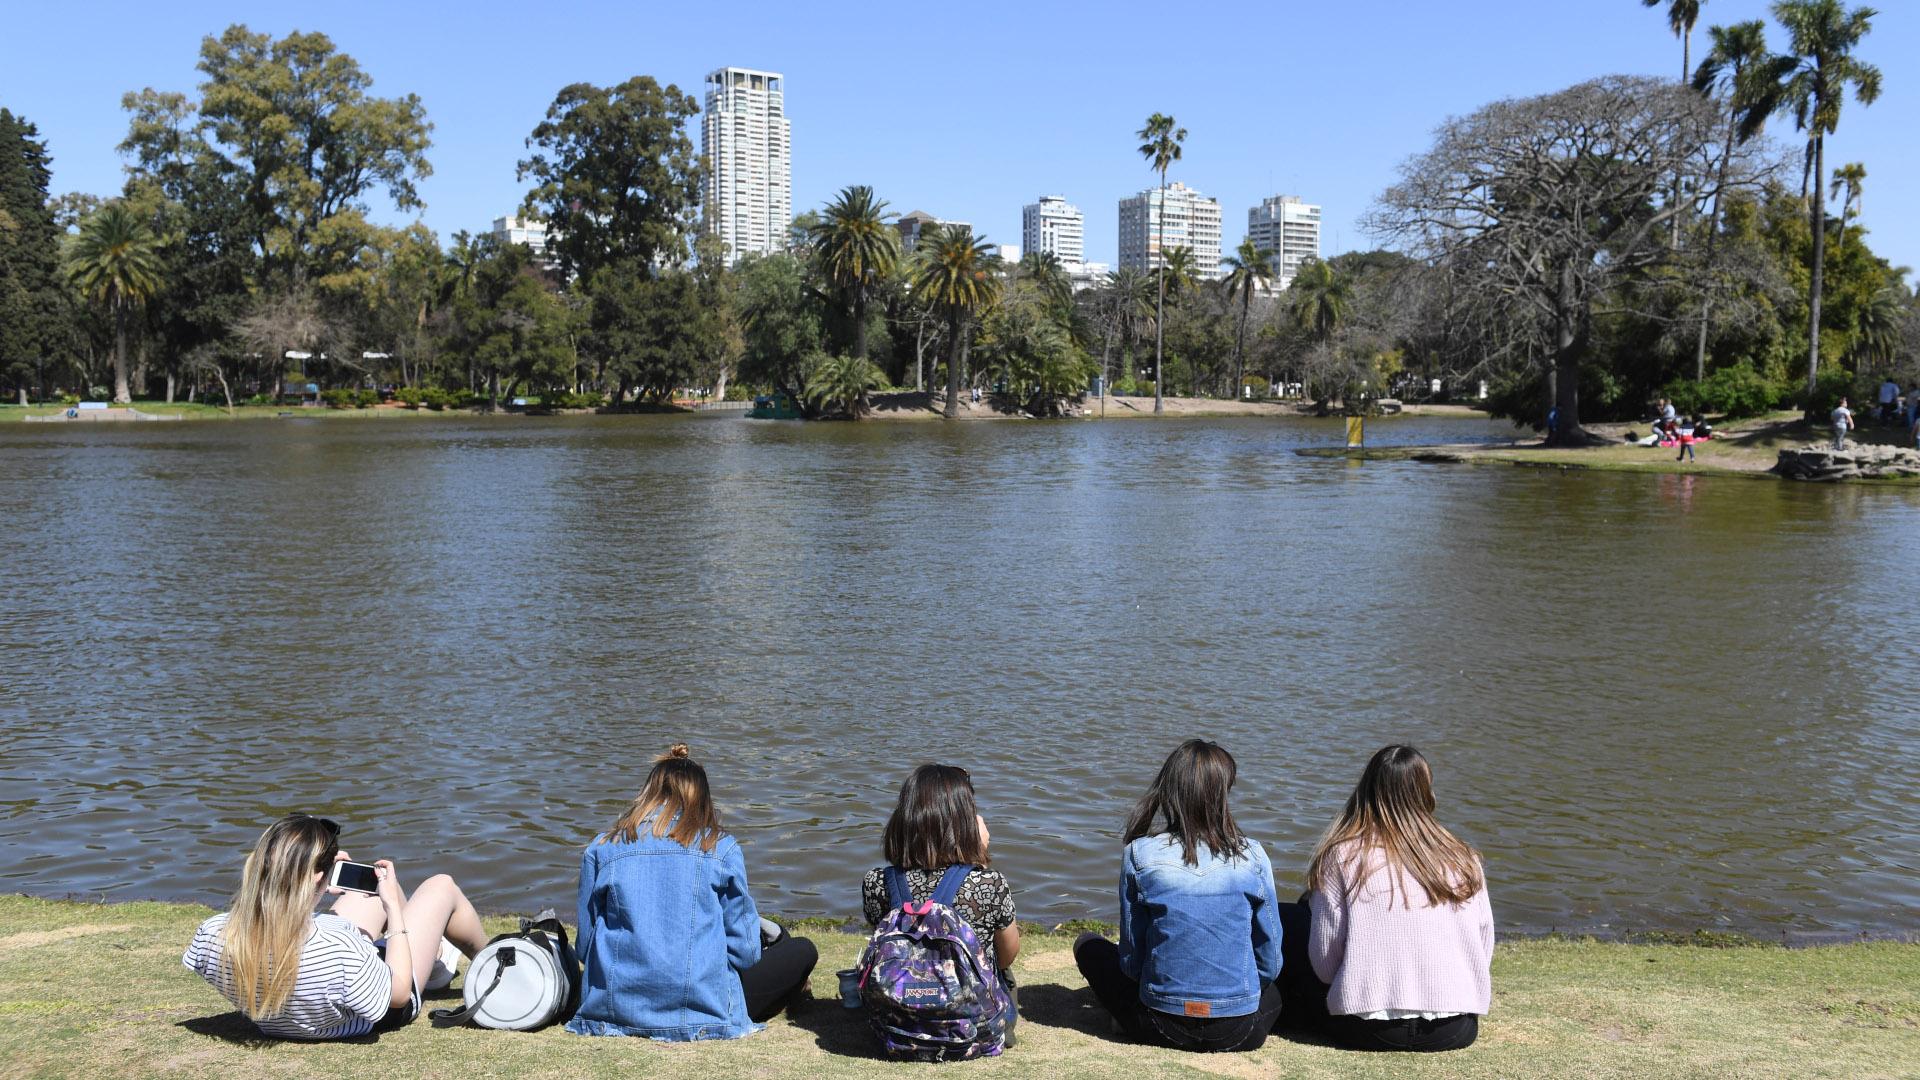 El Rosedal de Palermo, en sus 3,4 hectáreas posee 18.000 rosales. Fue declarado Patrimonio Cultural de la Ciudad de Buenos Aires por la legislatura porteña el 14 de abril de 2011